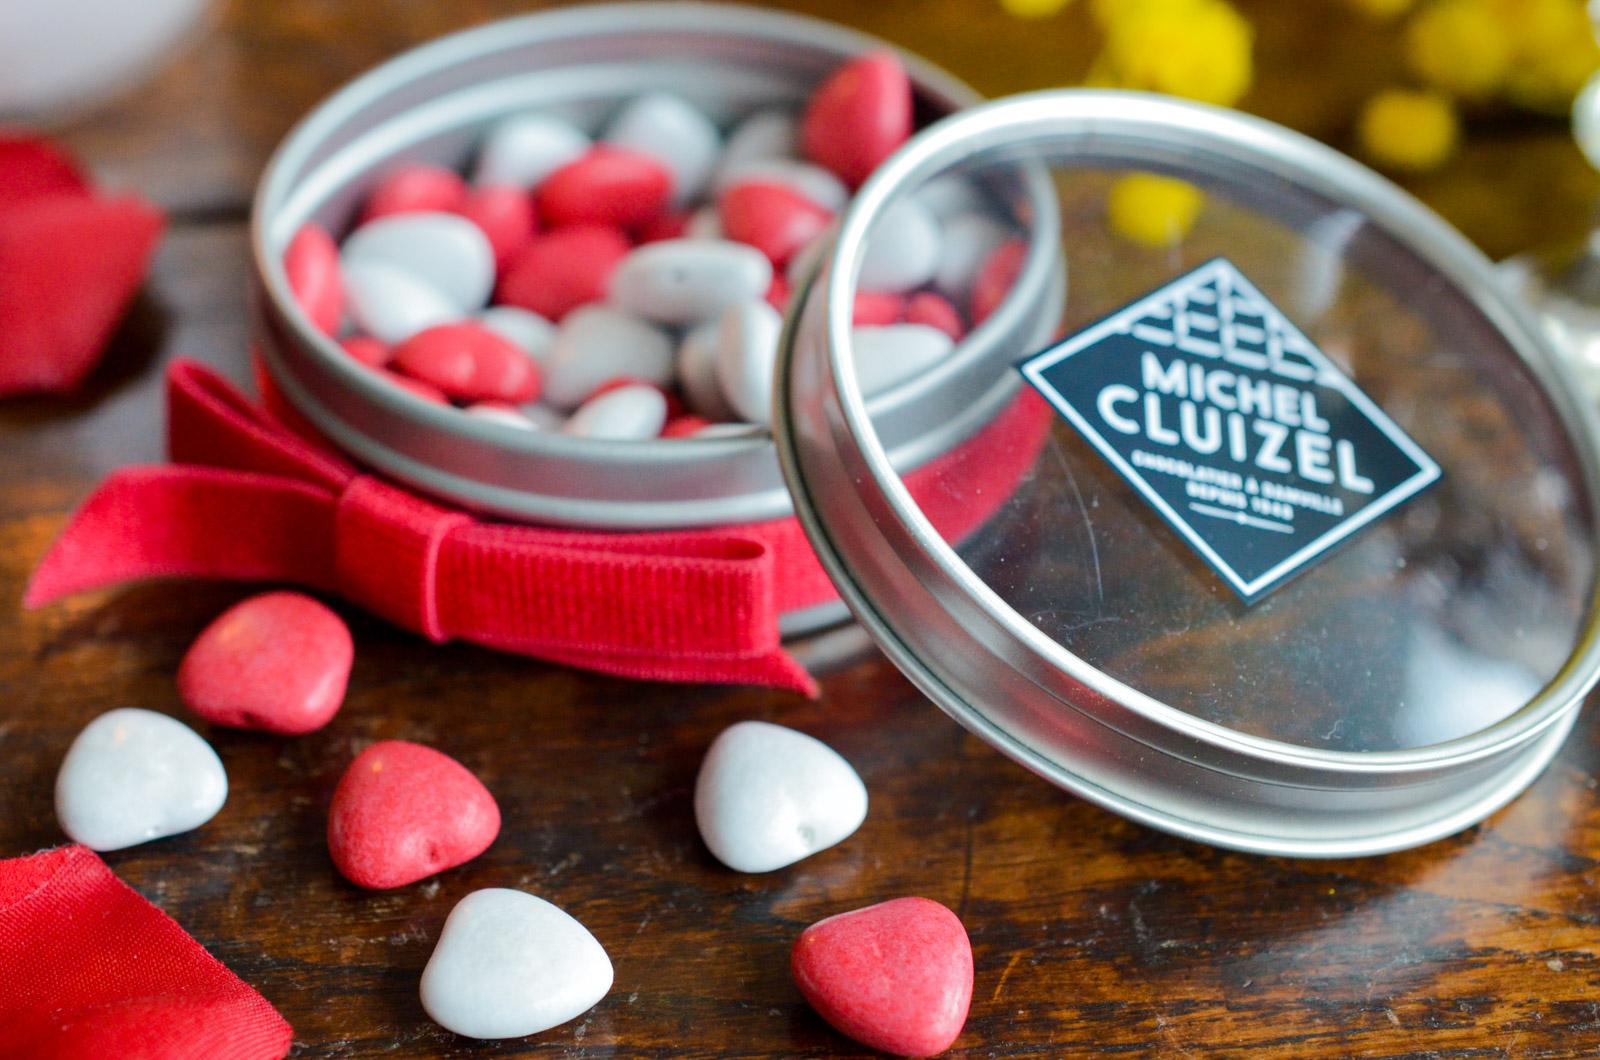 Michel Cluizel Coeur Chocolat Saint Valentin (7 Sur 7)